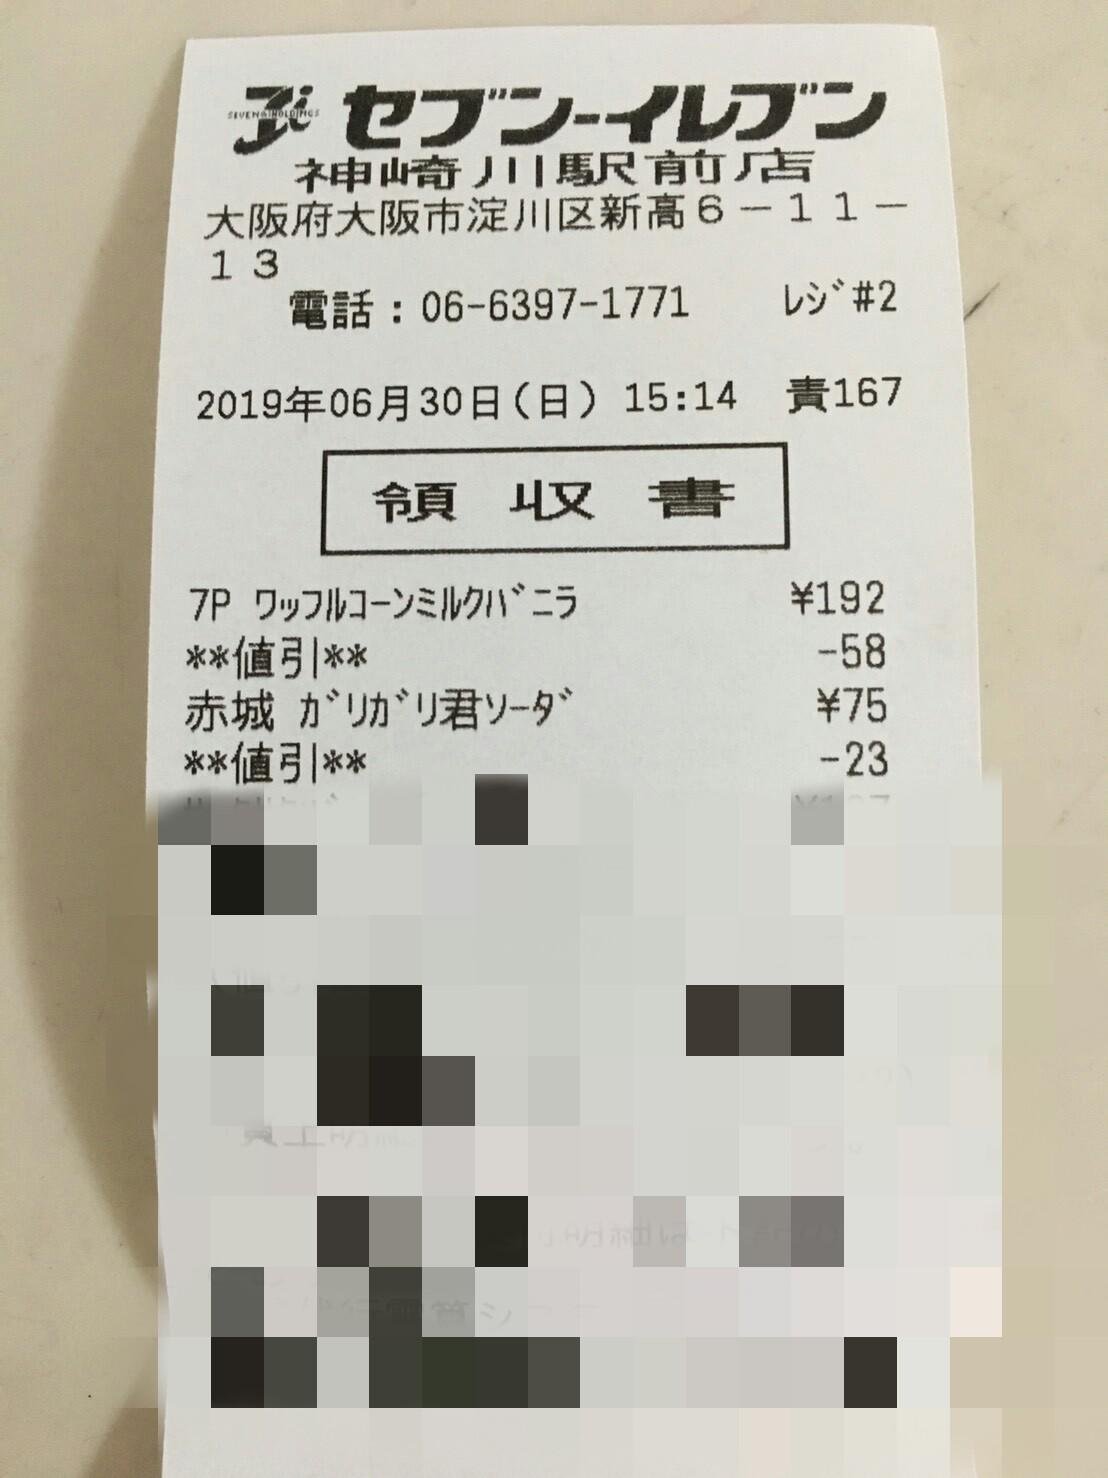 セブンイレブン 神崎川店 レシート